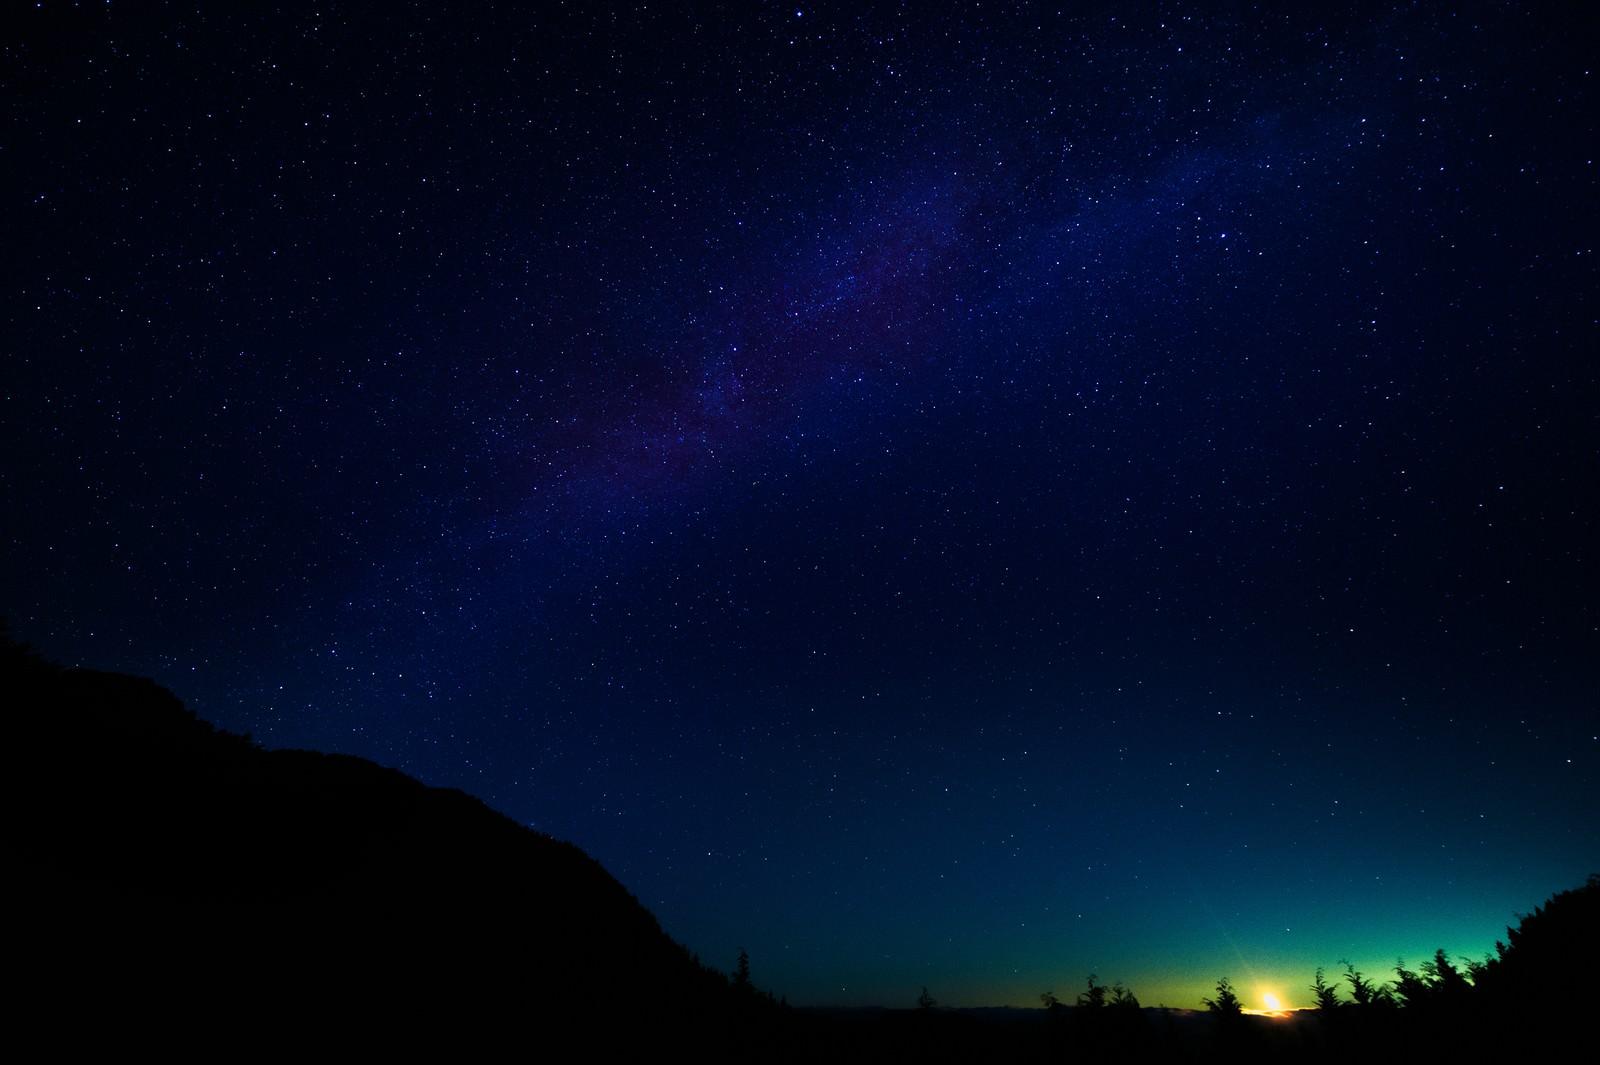 「鏡野町の星空と月明かり鏡野町の星空と月明かり」のフリー写真素材を拡大